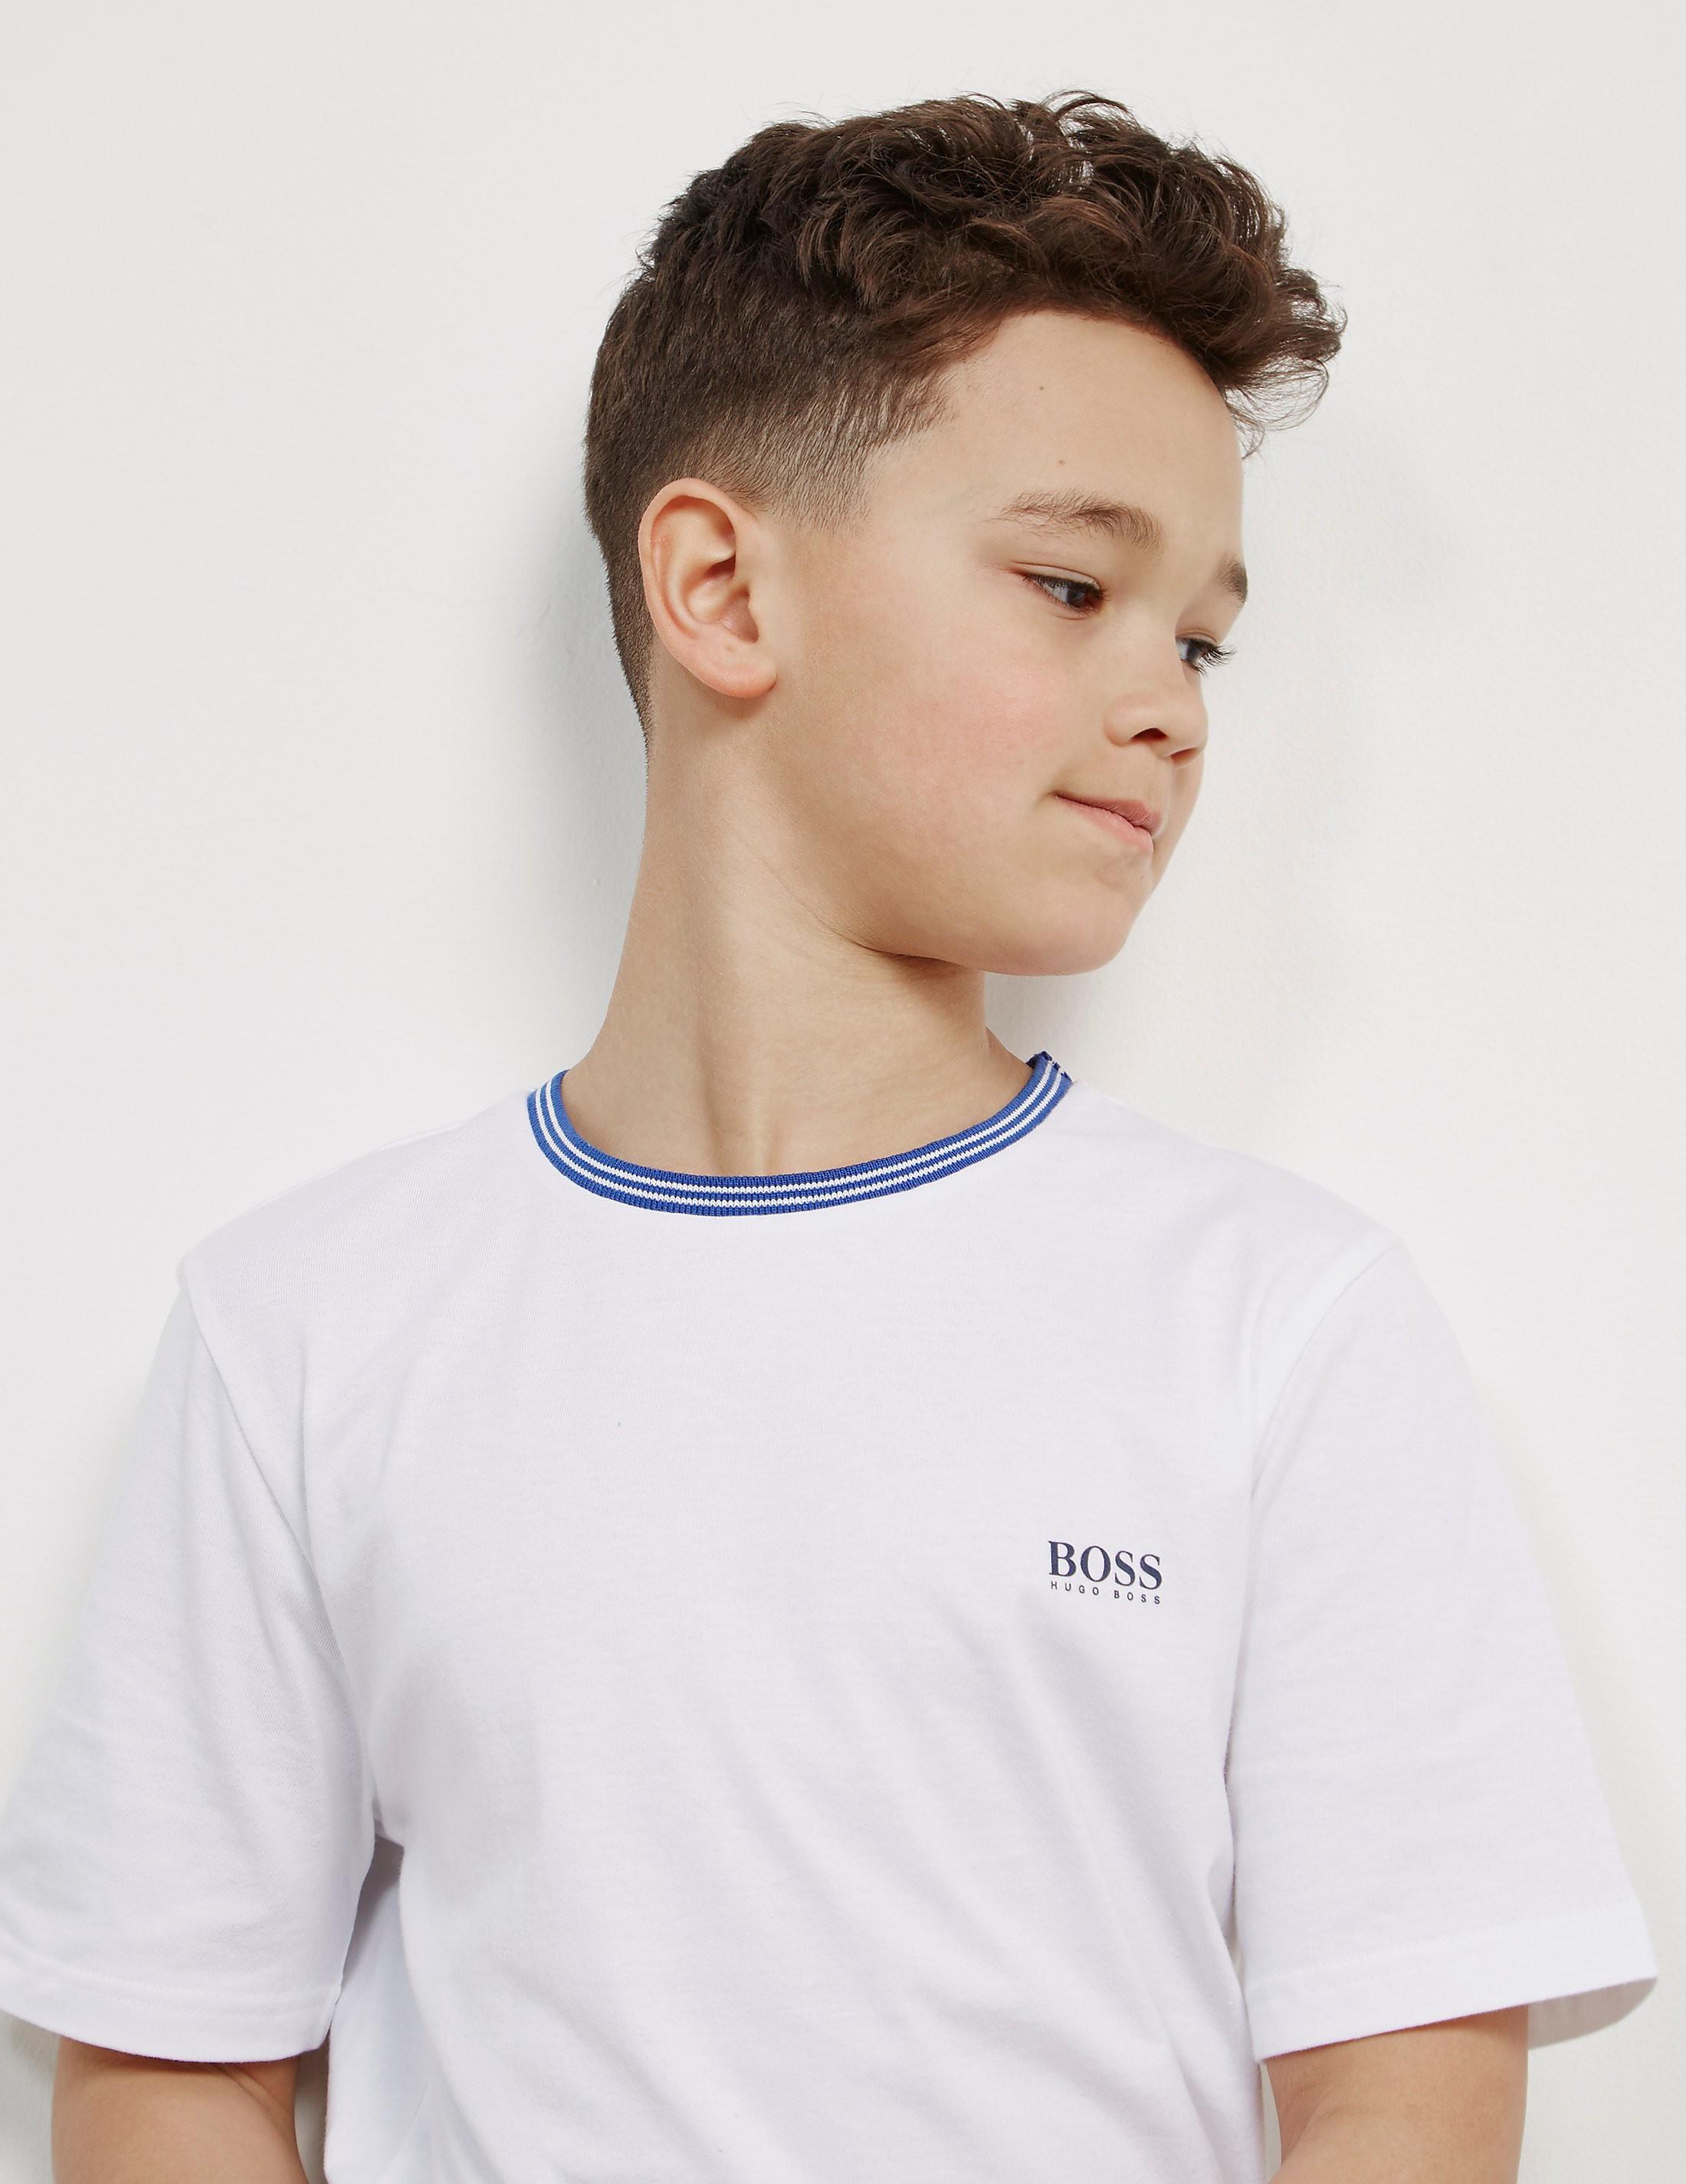 BOSS T-Shirt and Short Set